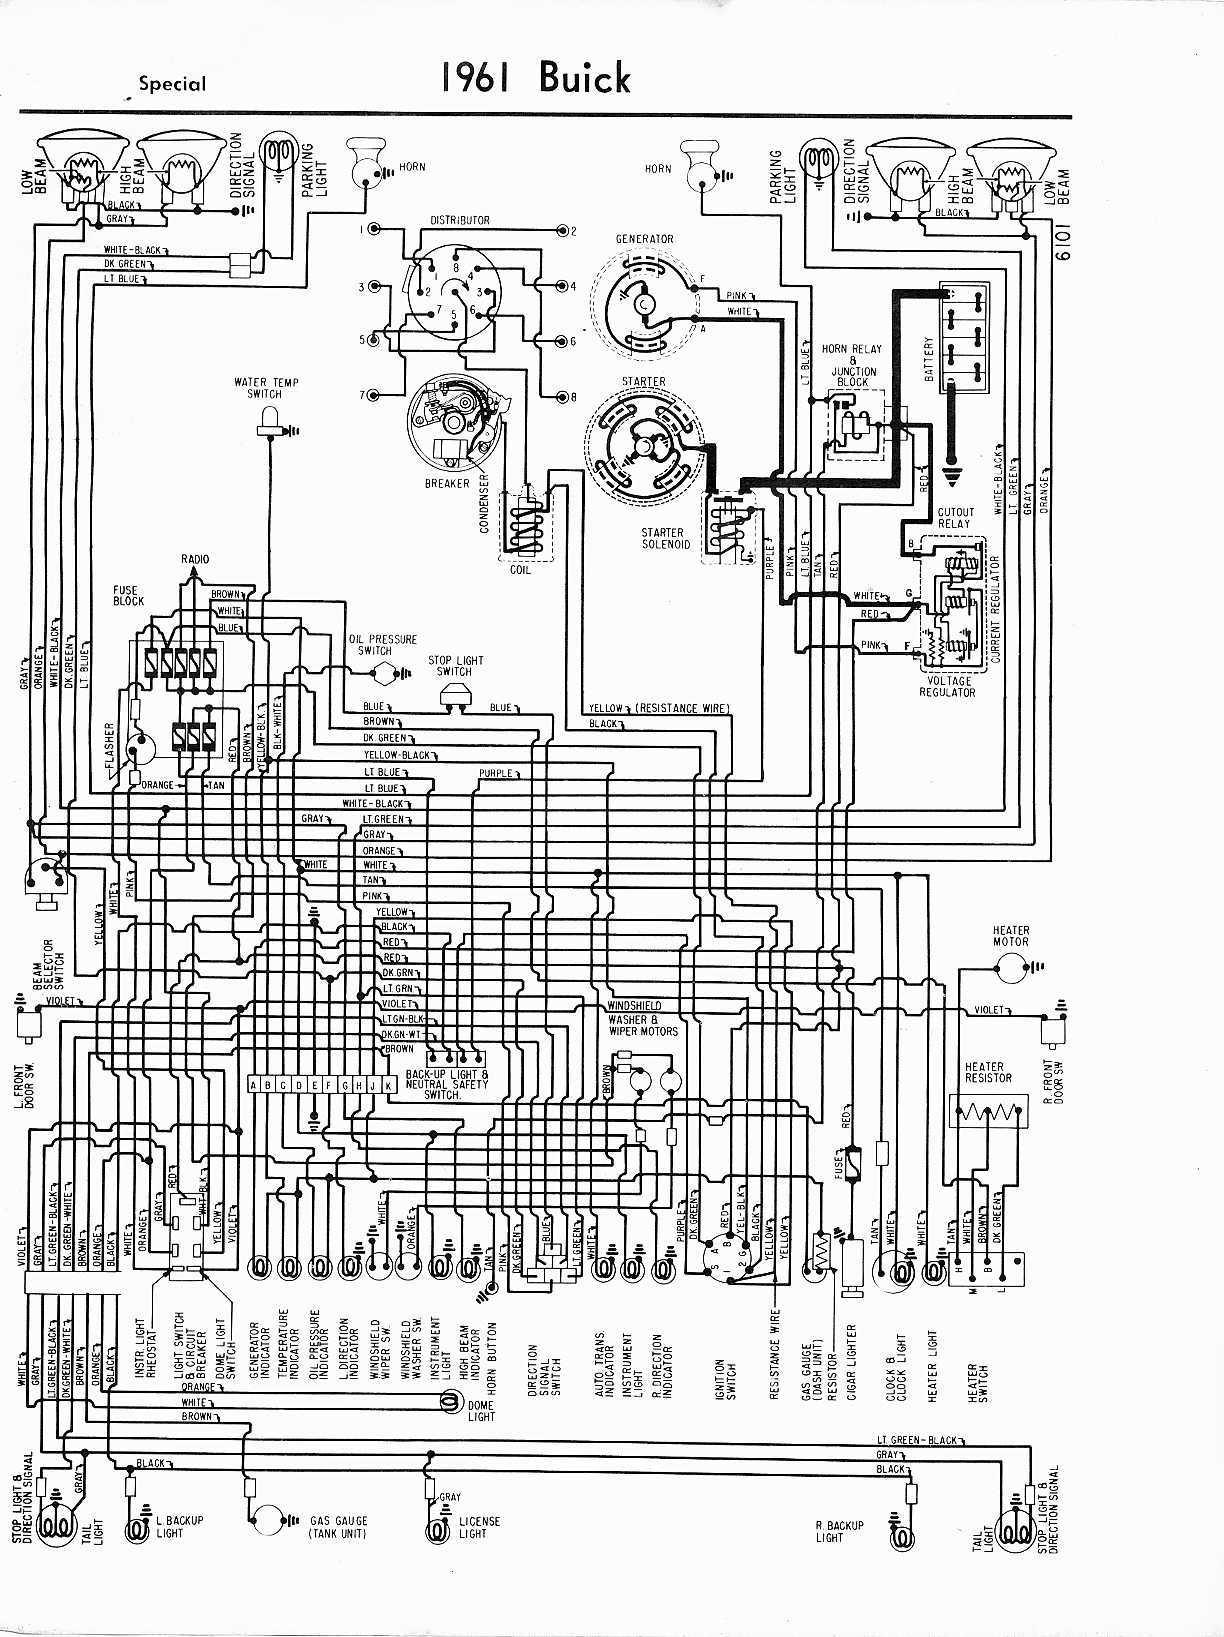 Awesome Buick Wiring Diagrams 1957 1965 Wiring Cloud Cranvenetmohammedshrineorg